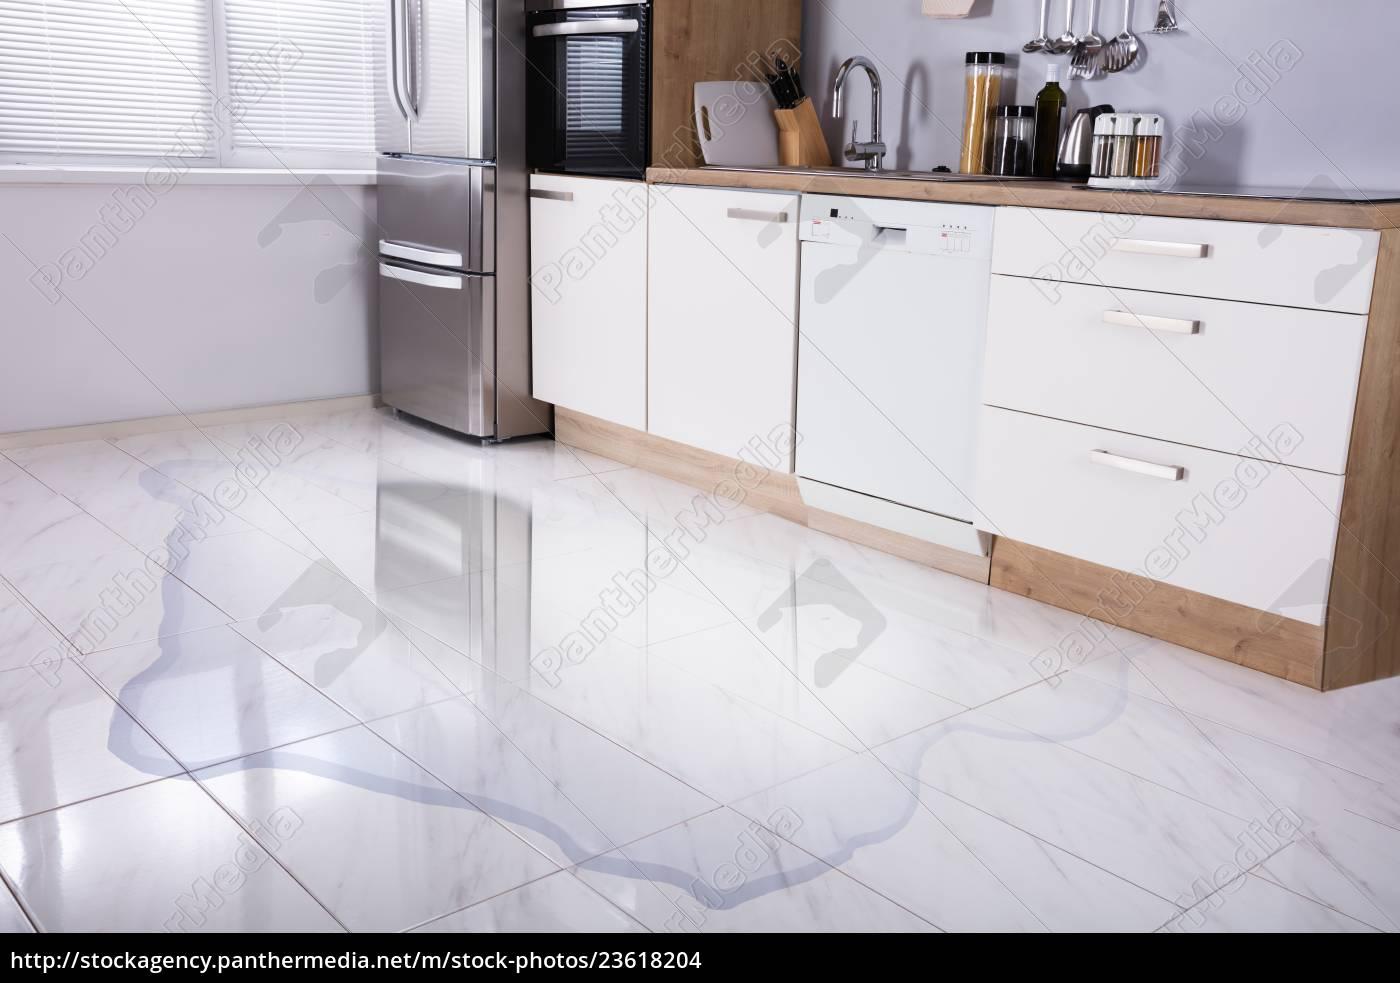 close-up, of, wet, floor - 23618204